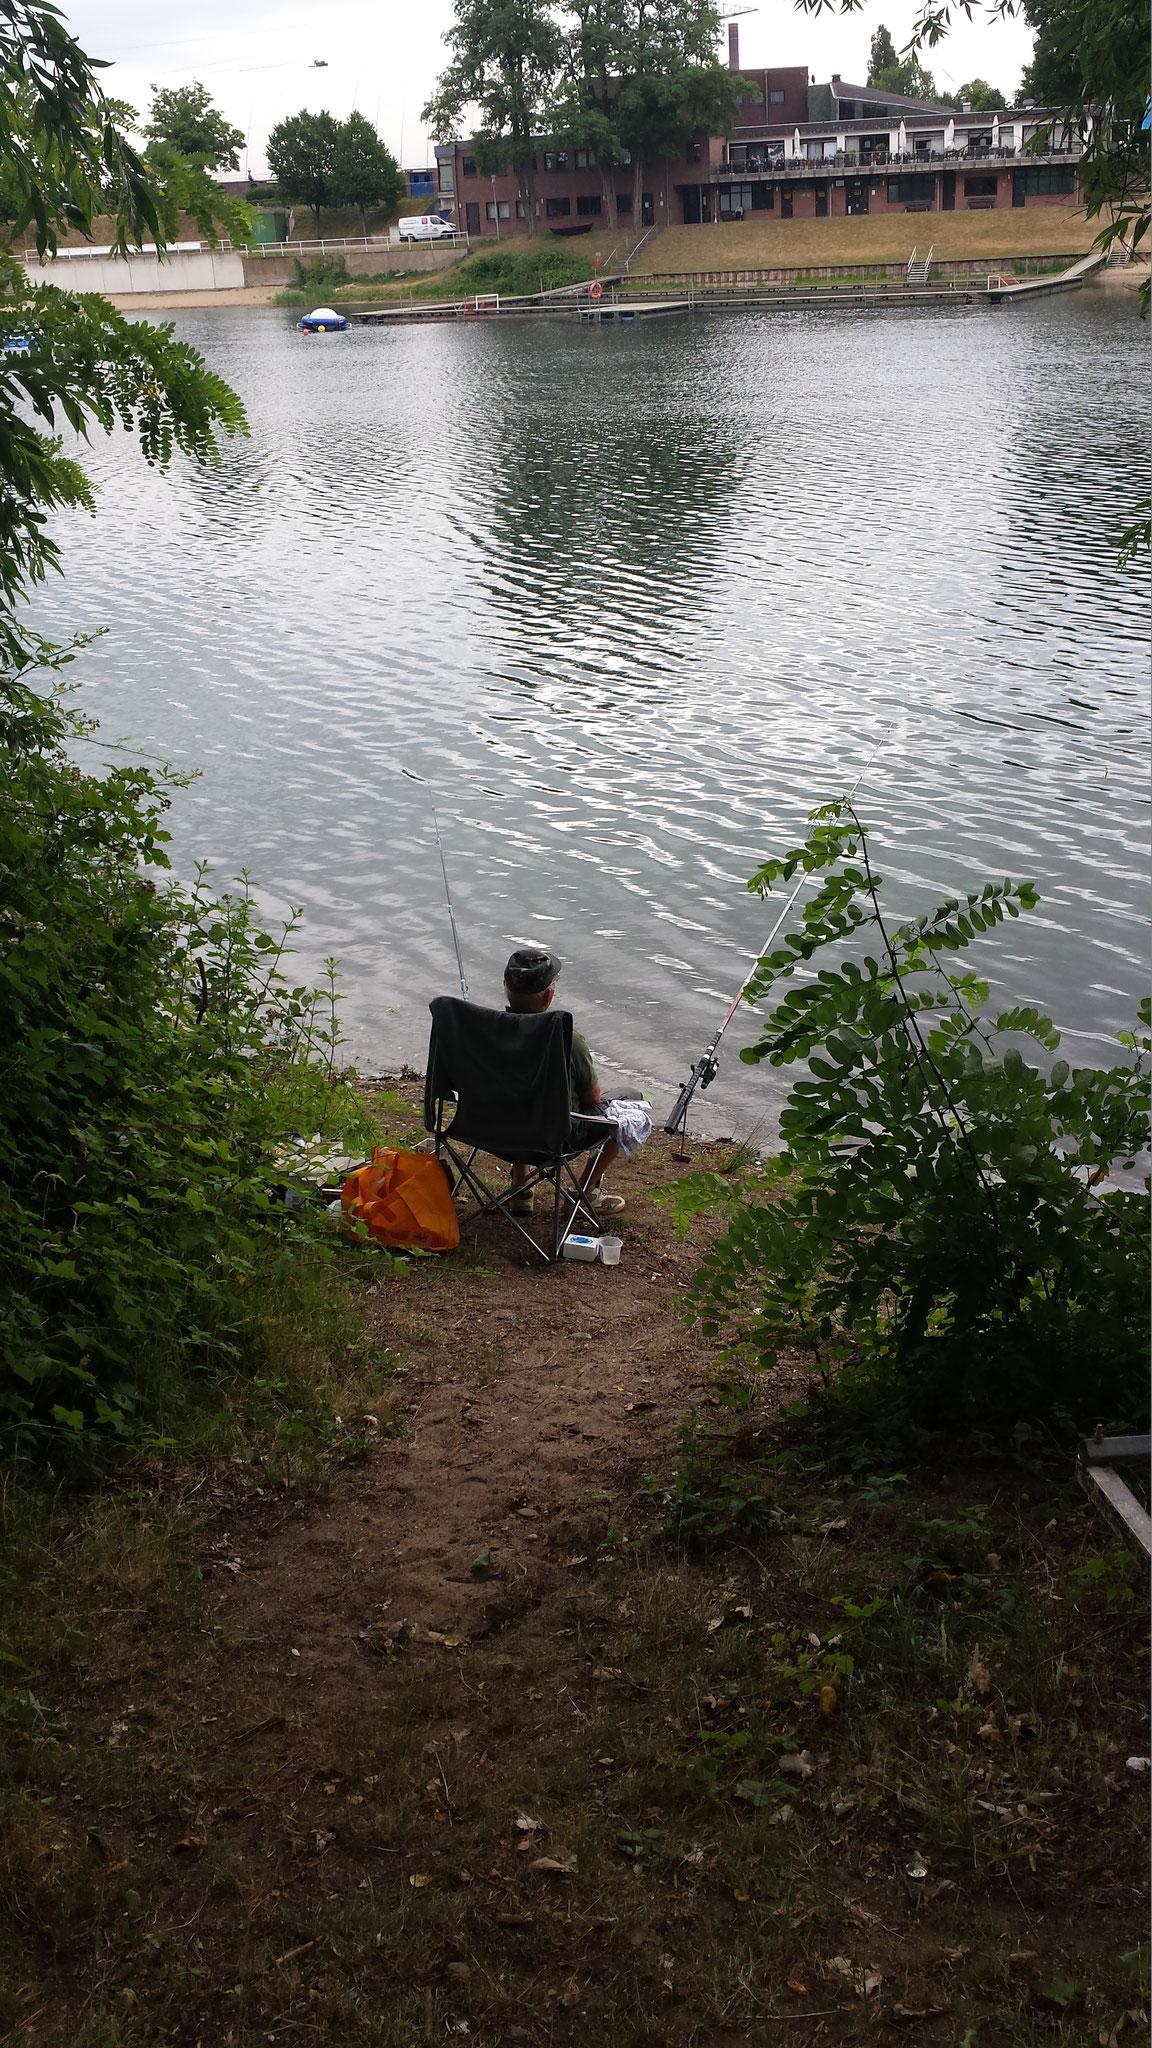 Hegefischen am Waldsee